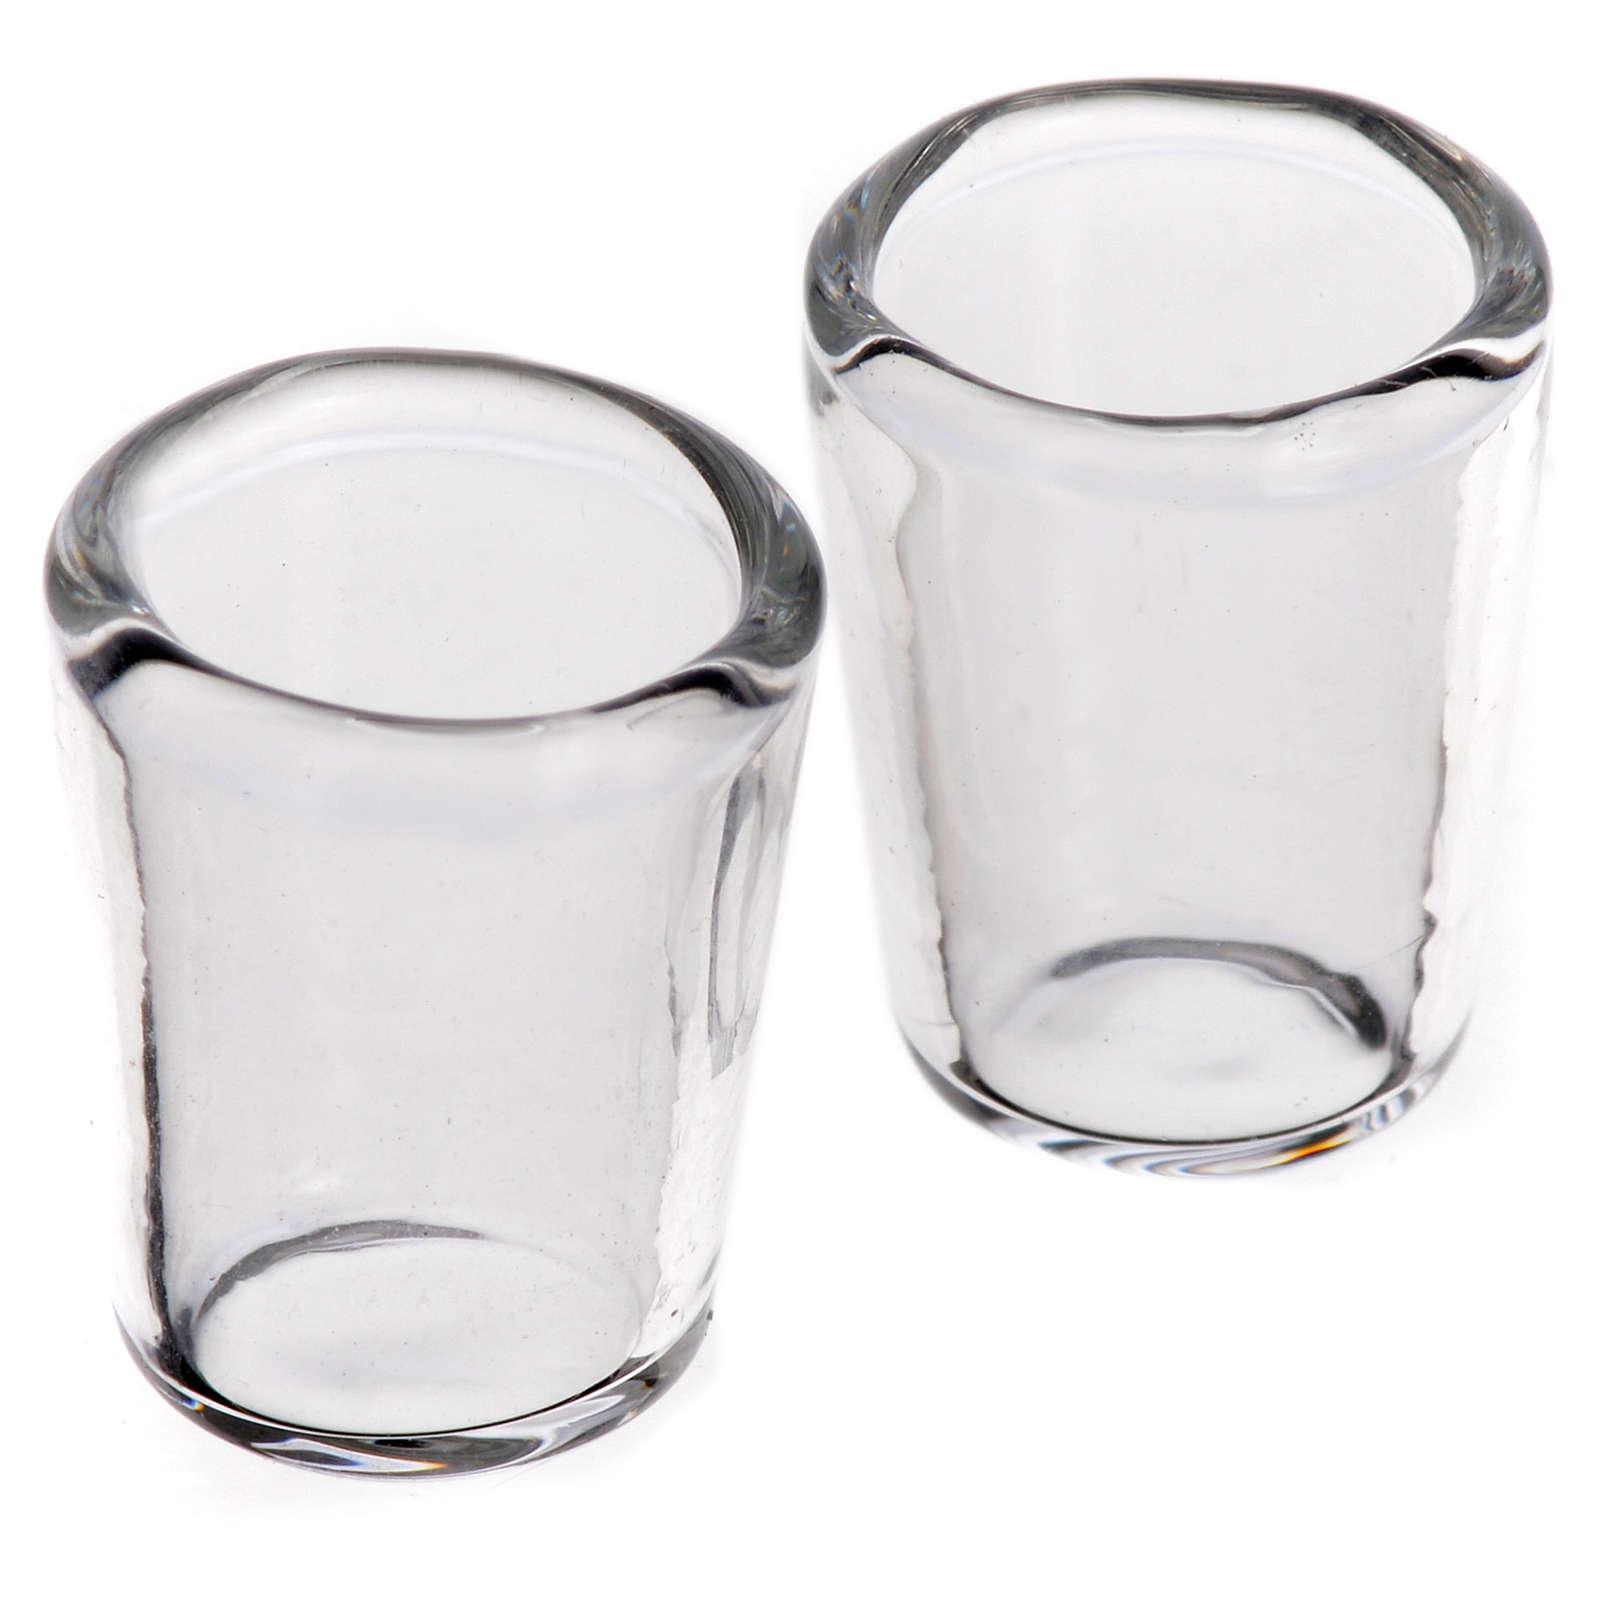 Copo vidro presépio 1,3x1 cm 2 peças 4